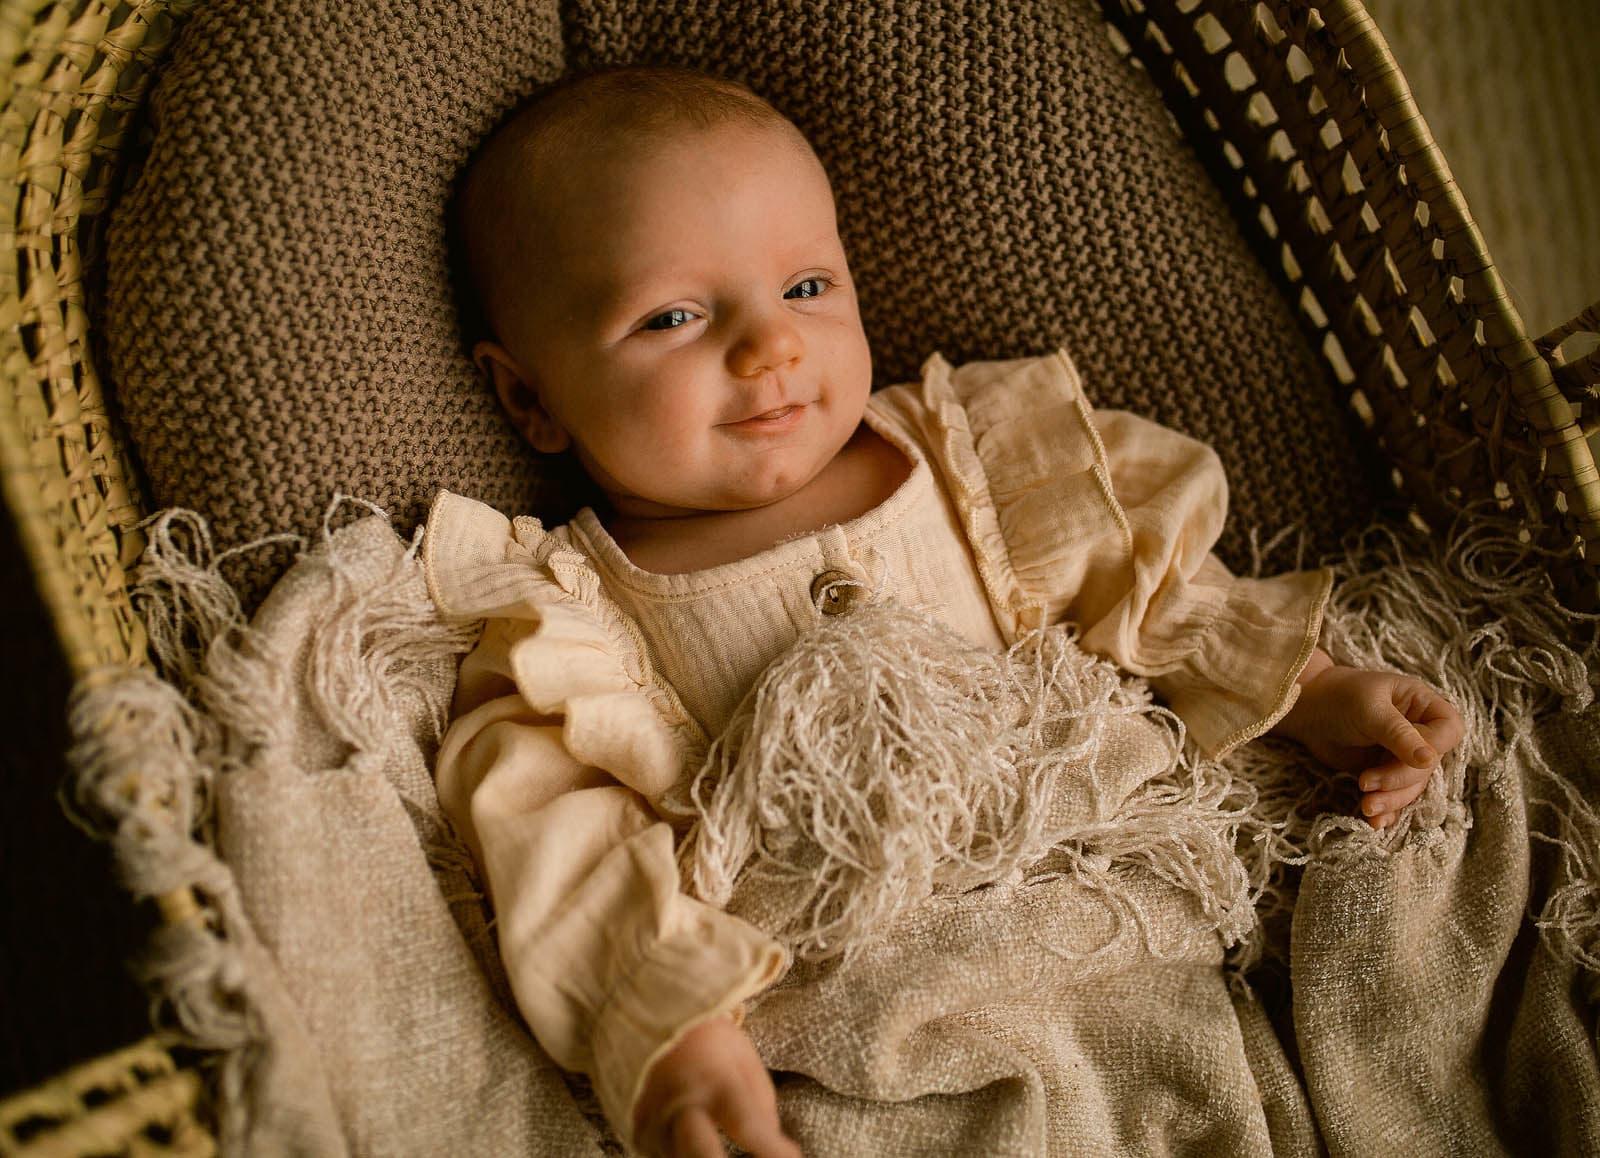 newborn photo session in studio raleigh newborn photographer